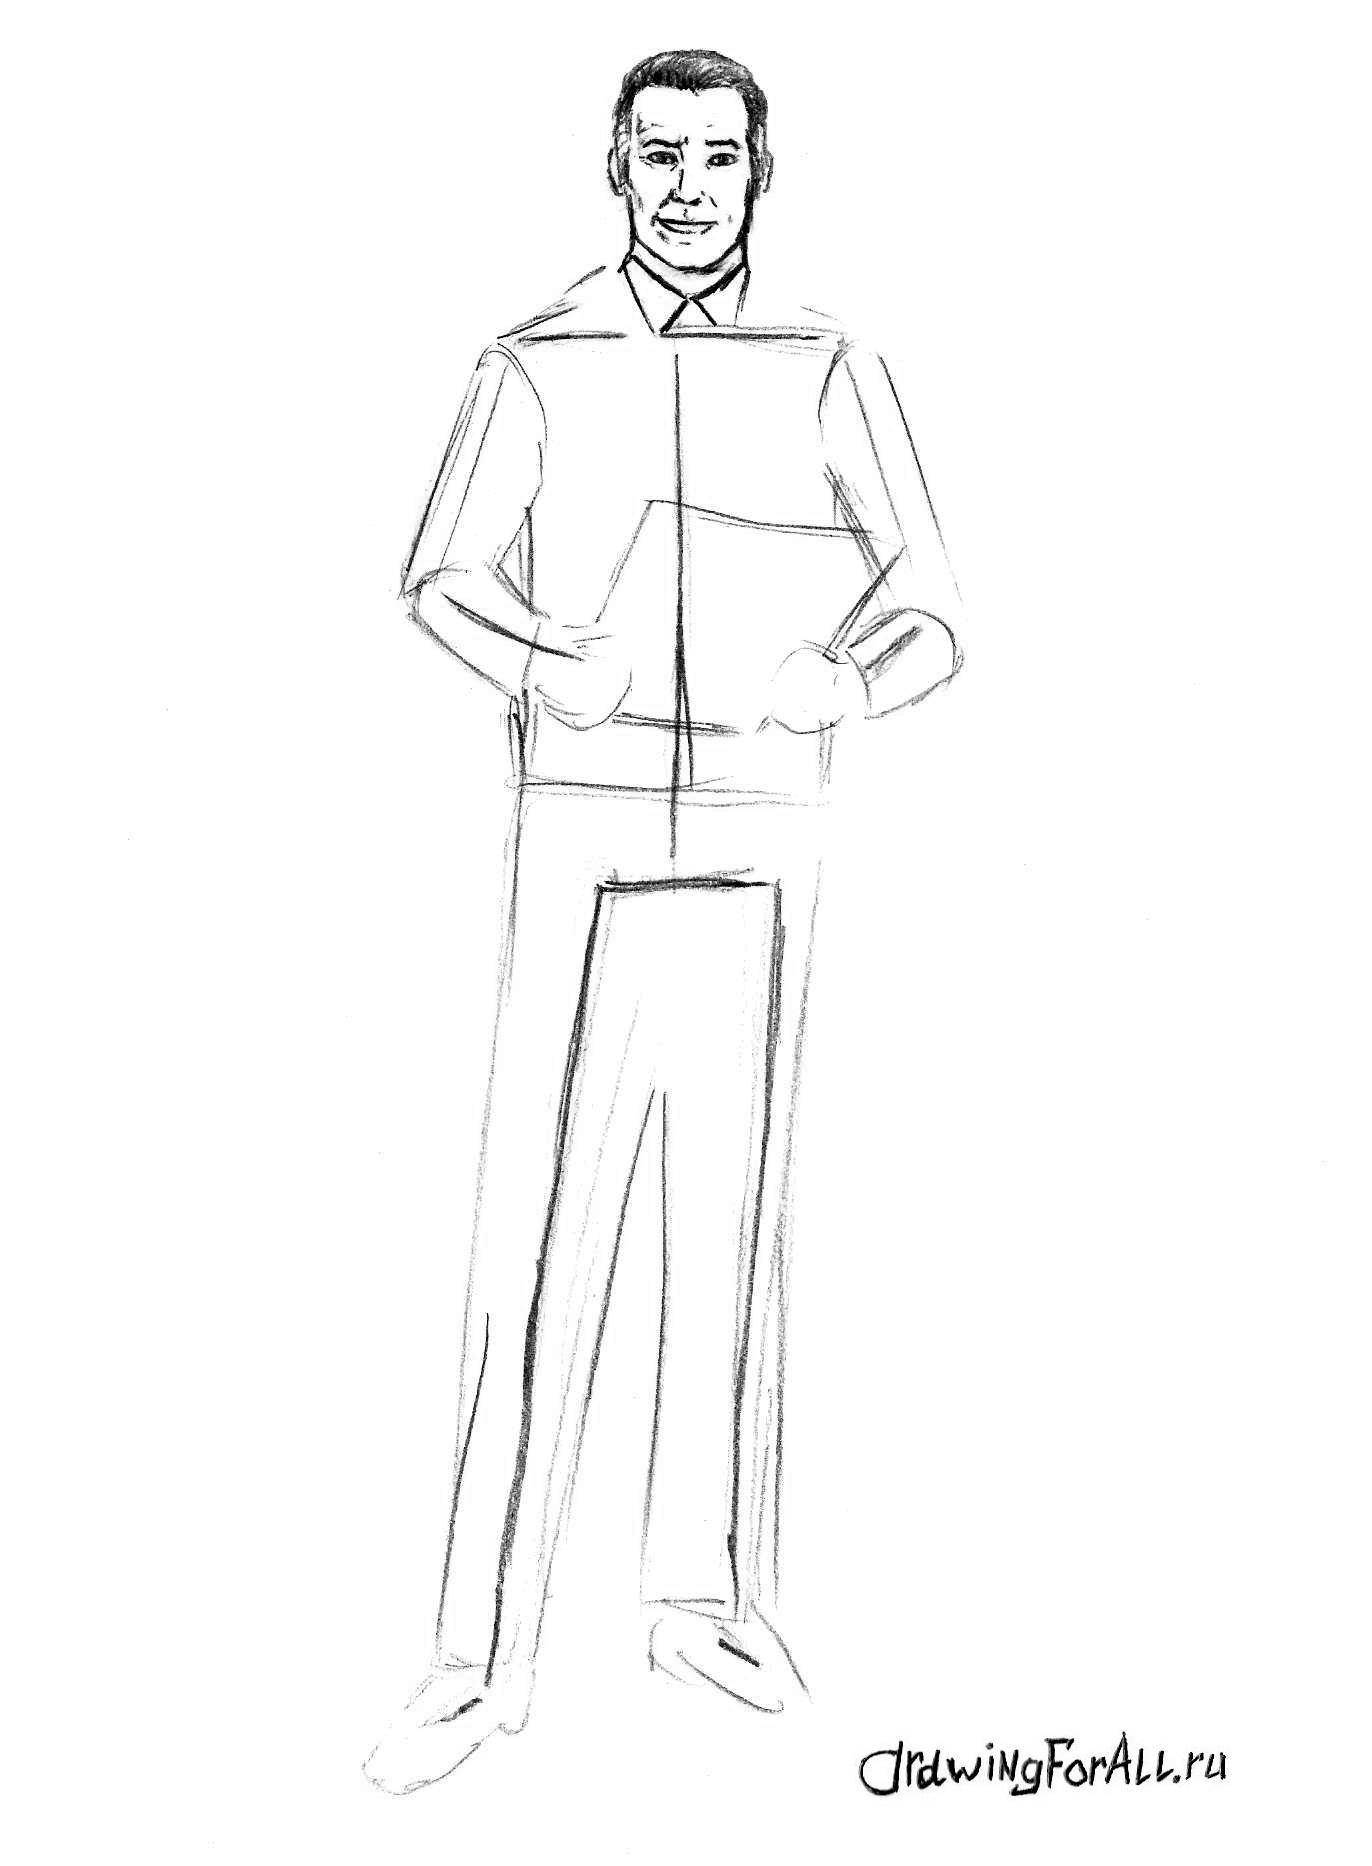 Как нарисовать врача